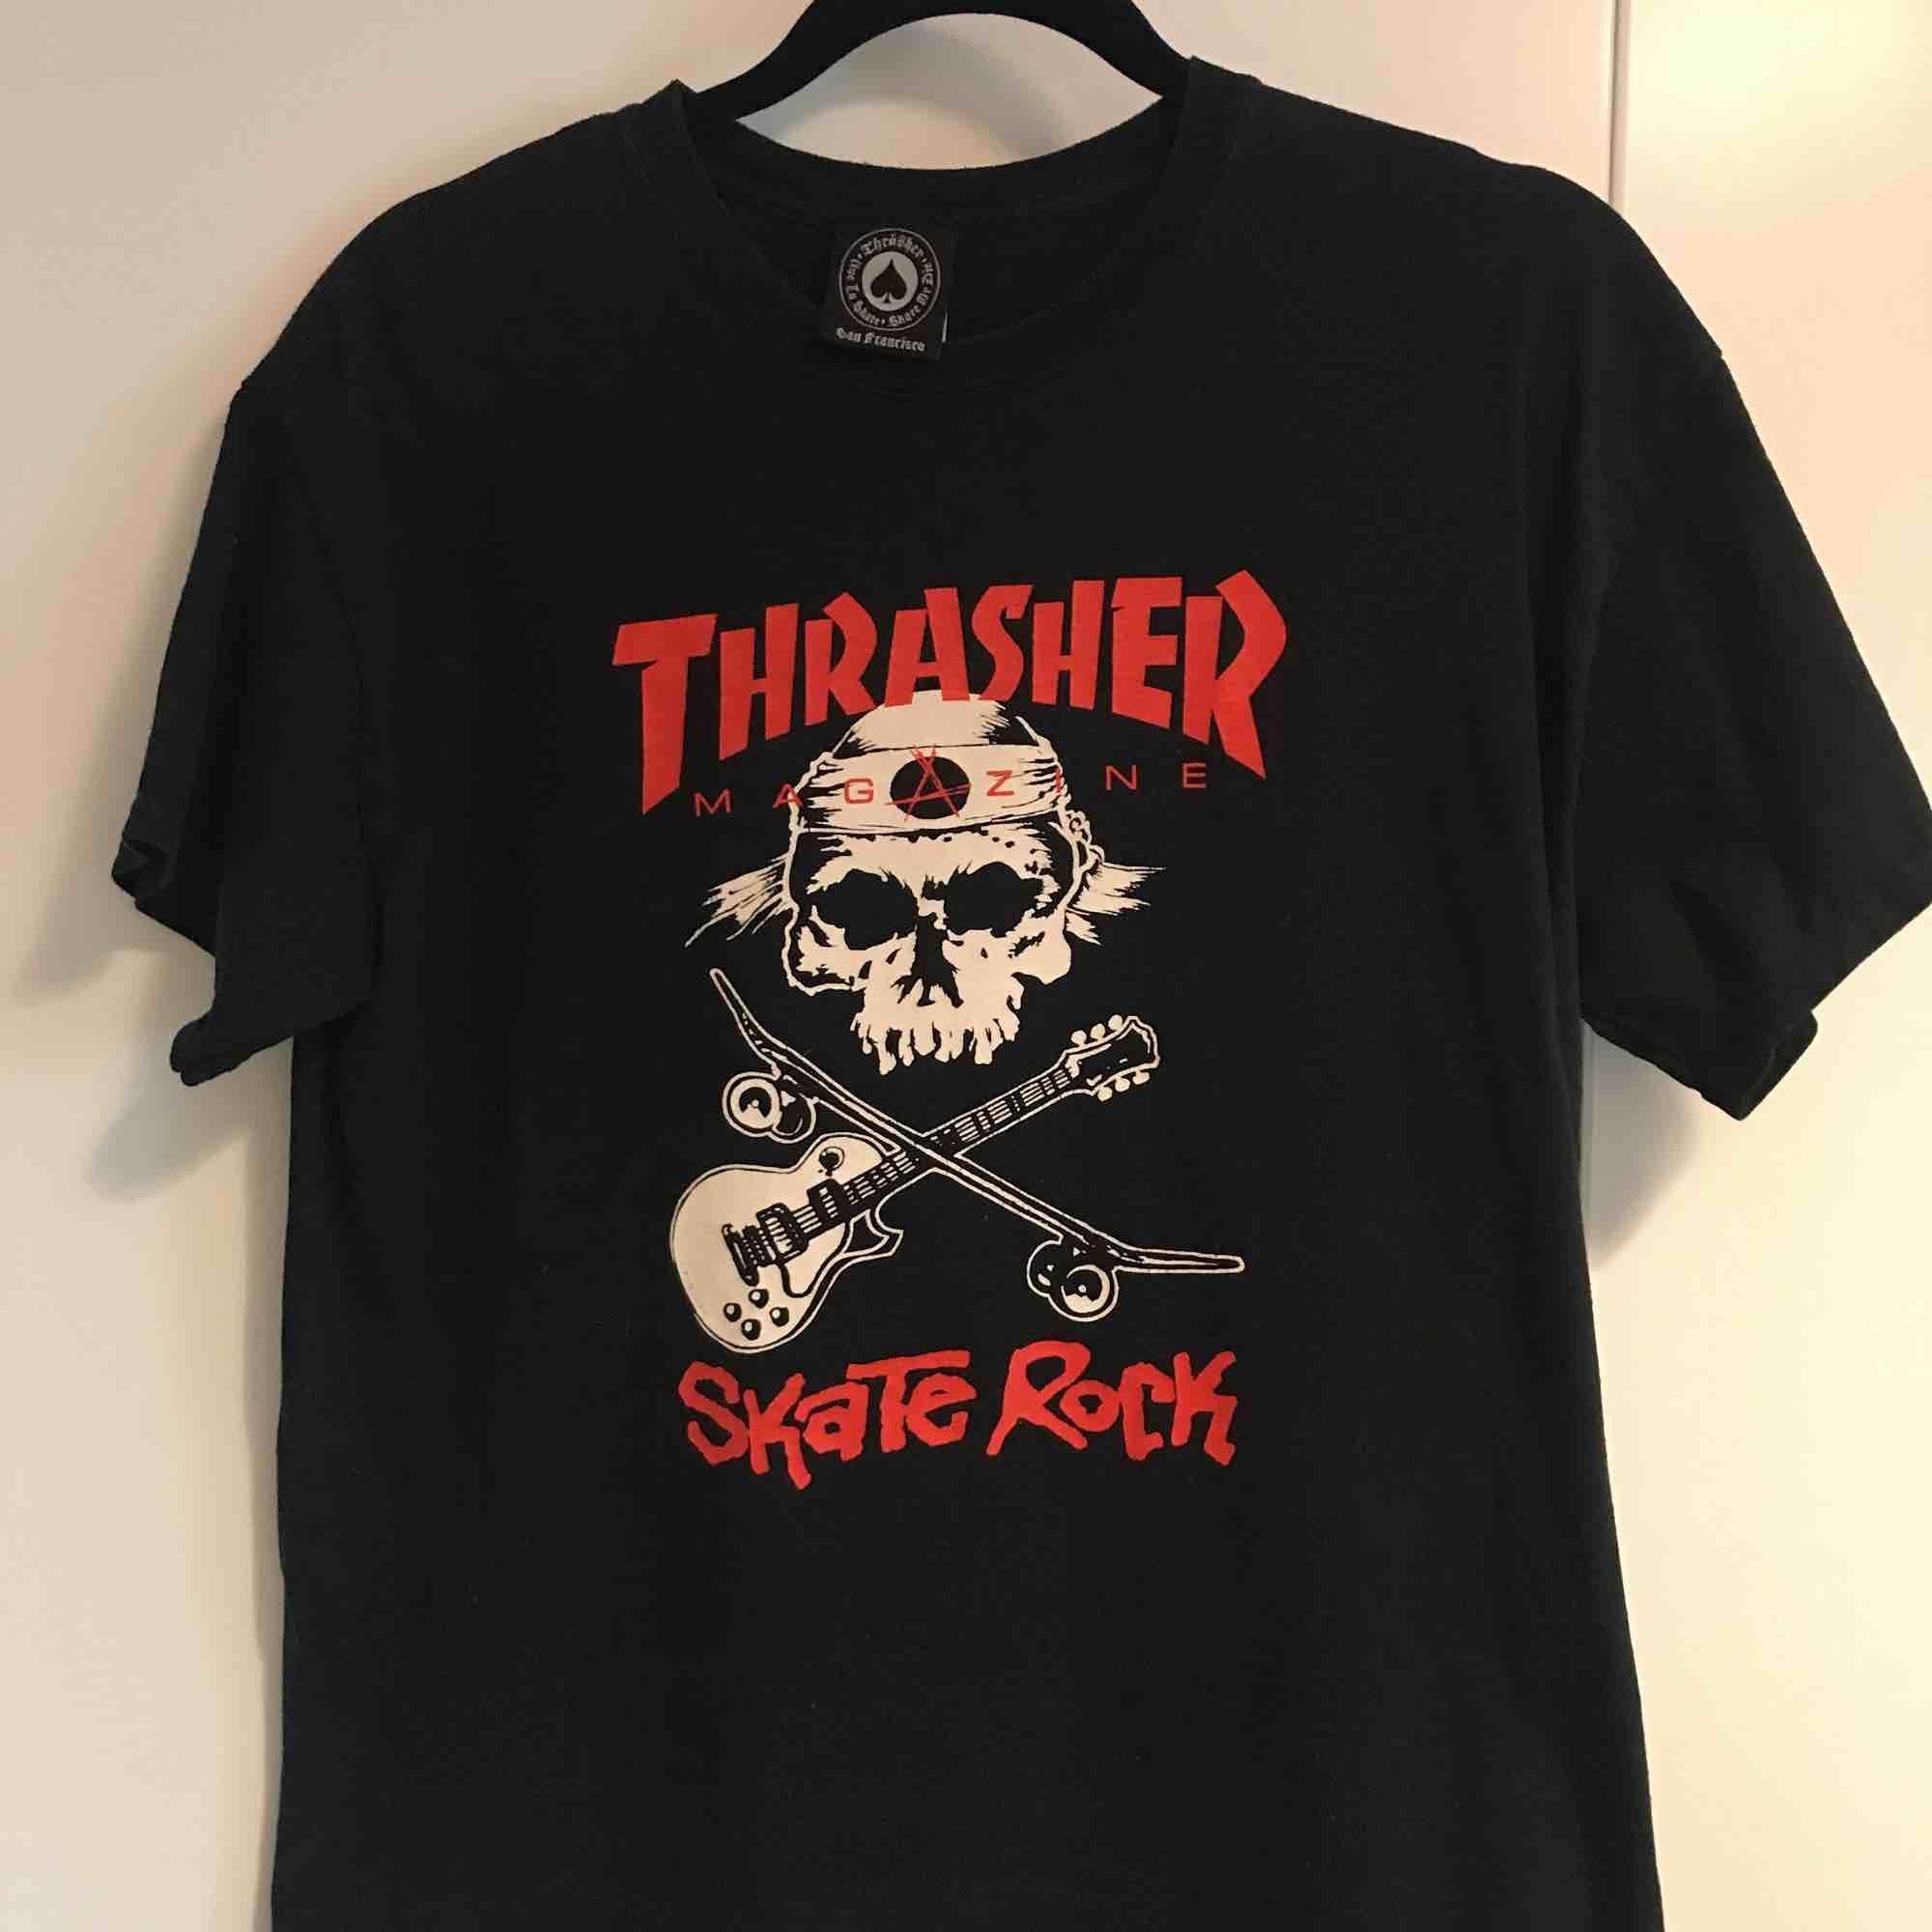 Ovanlig T-shirt från Thrasher. Mycket bra skick. Finns i Stockholm alternativt postar, köpare står för frakt. . T-shirts.